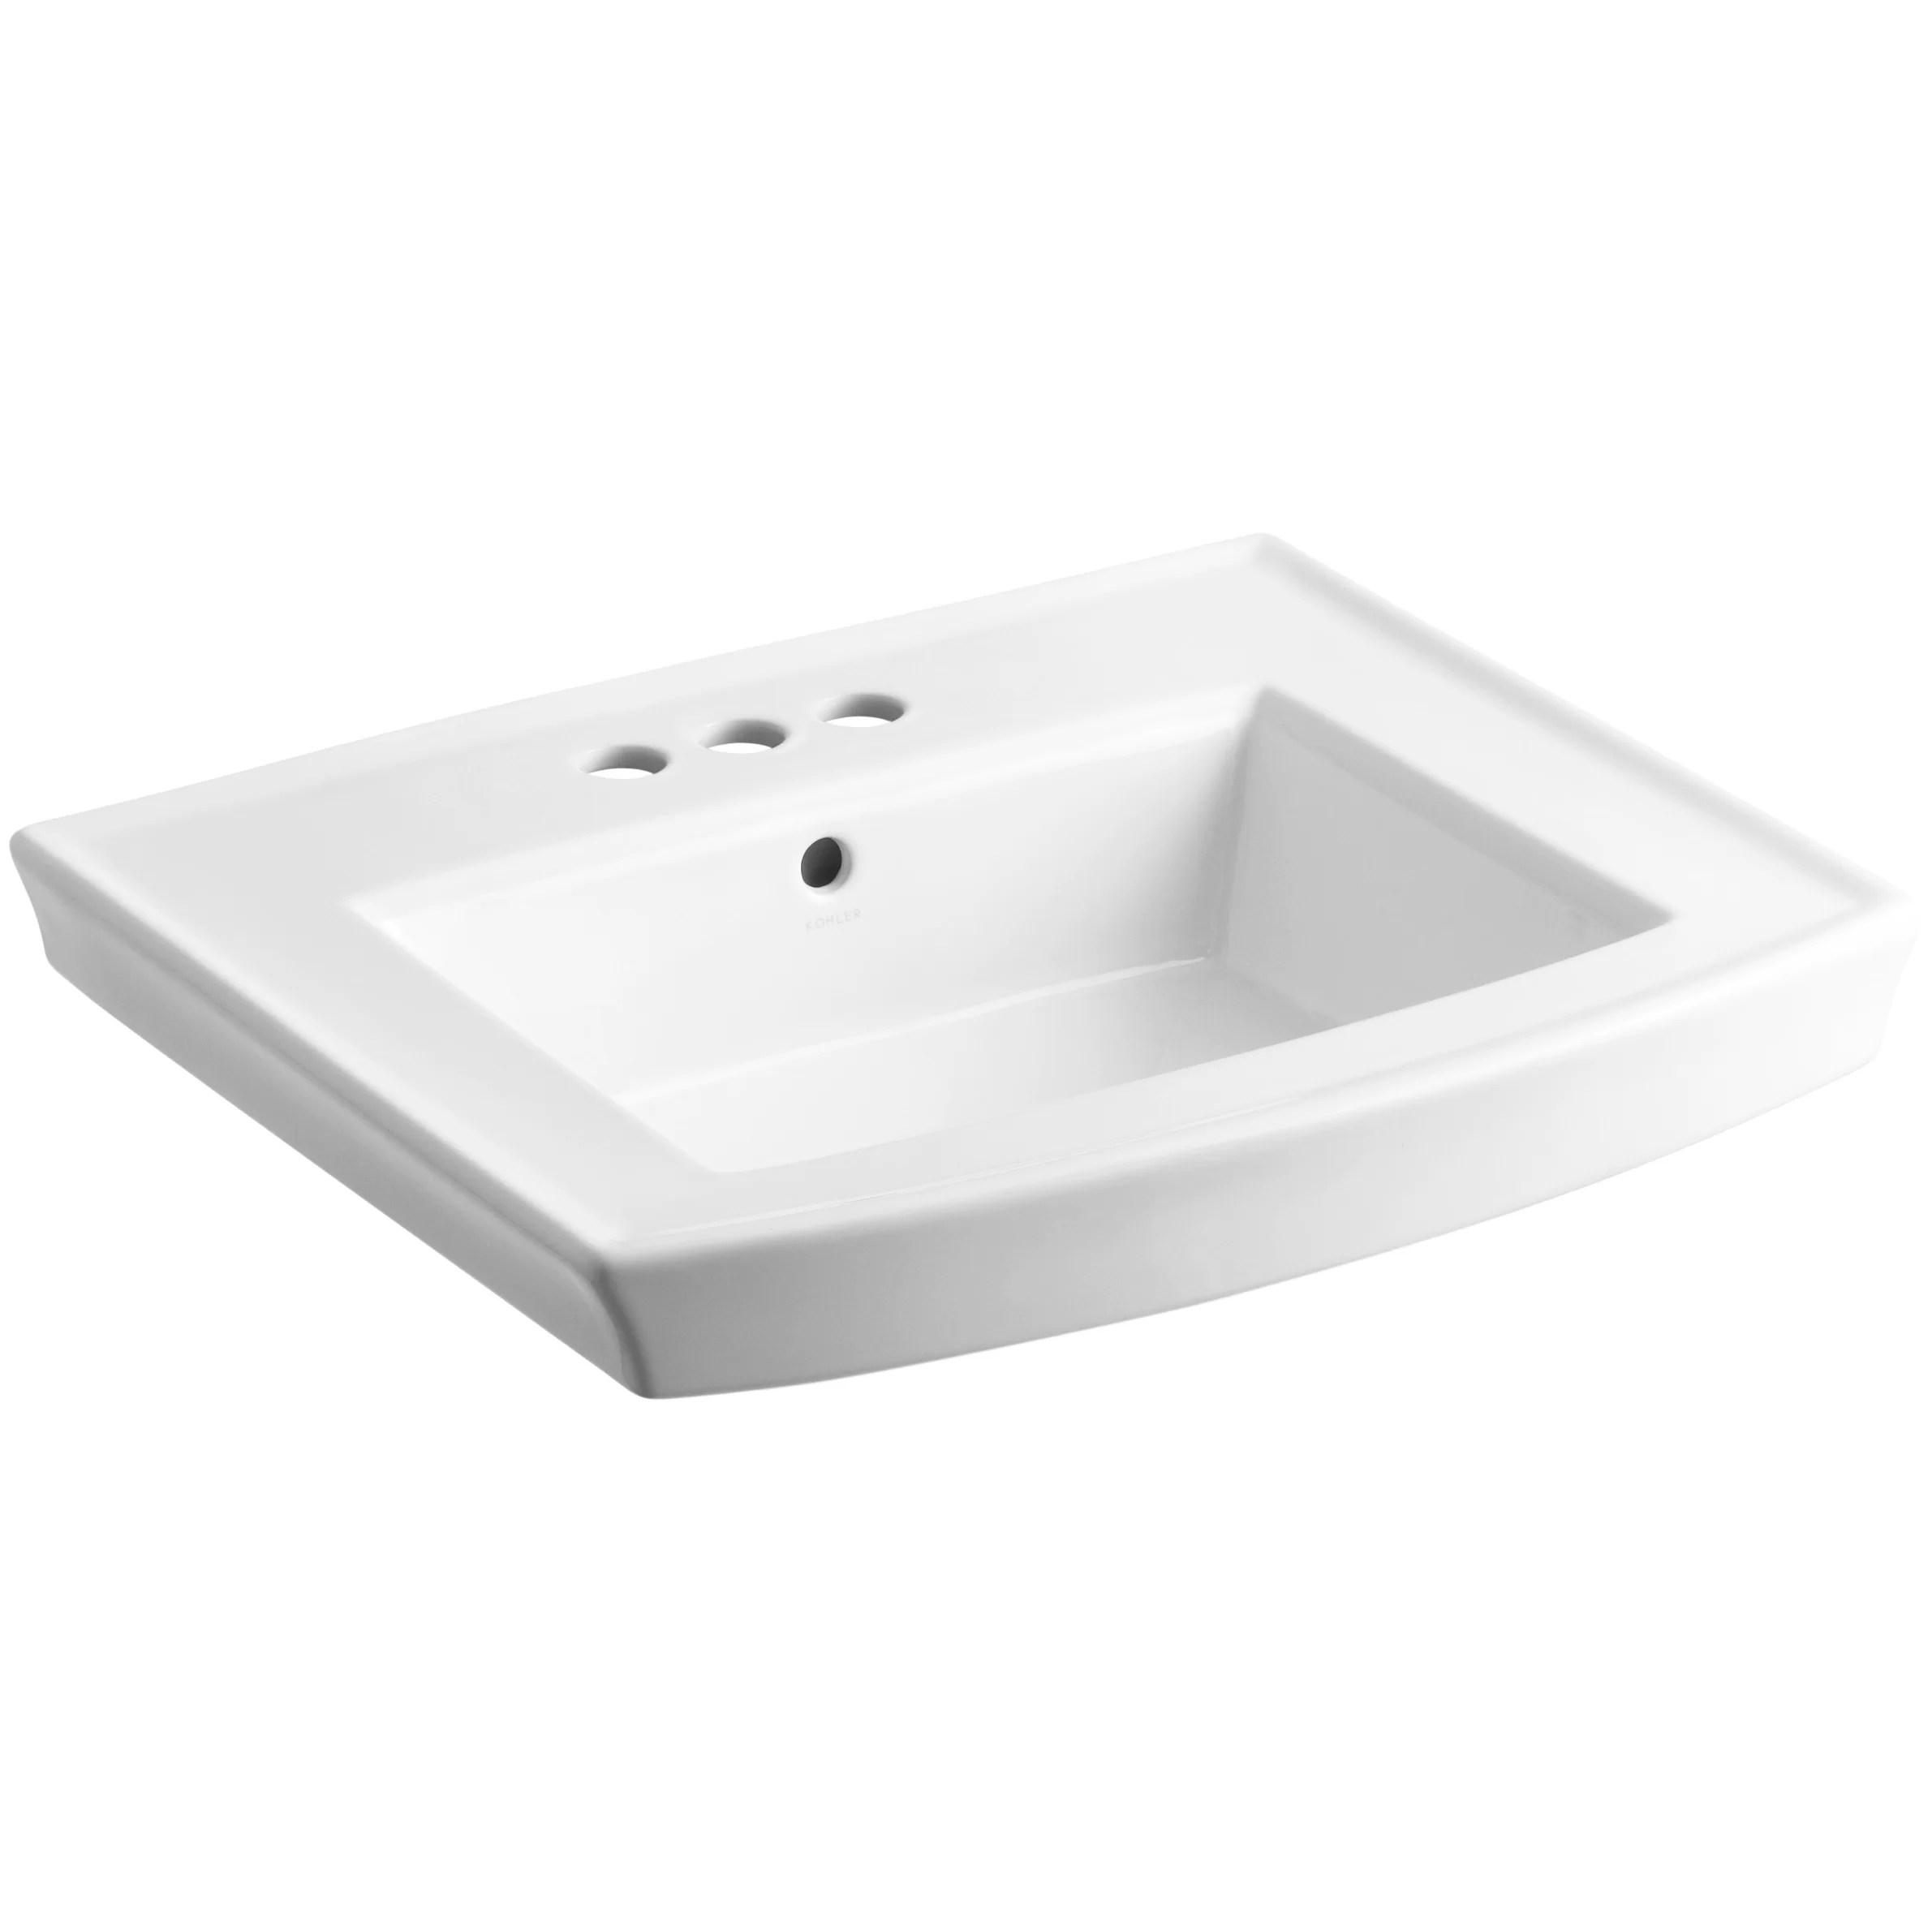 Kohler Archer Pedestal Bathroom Sink & Reviews